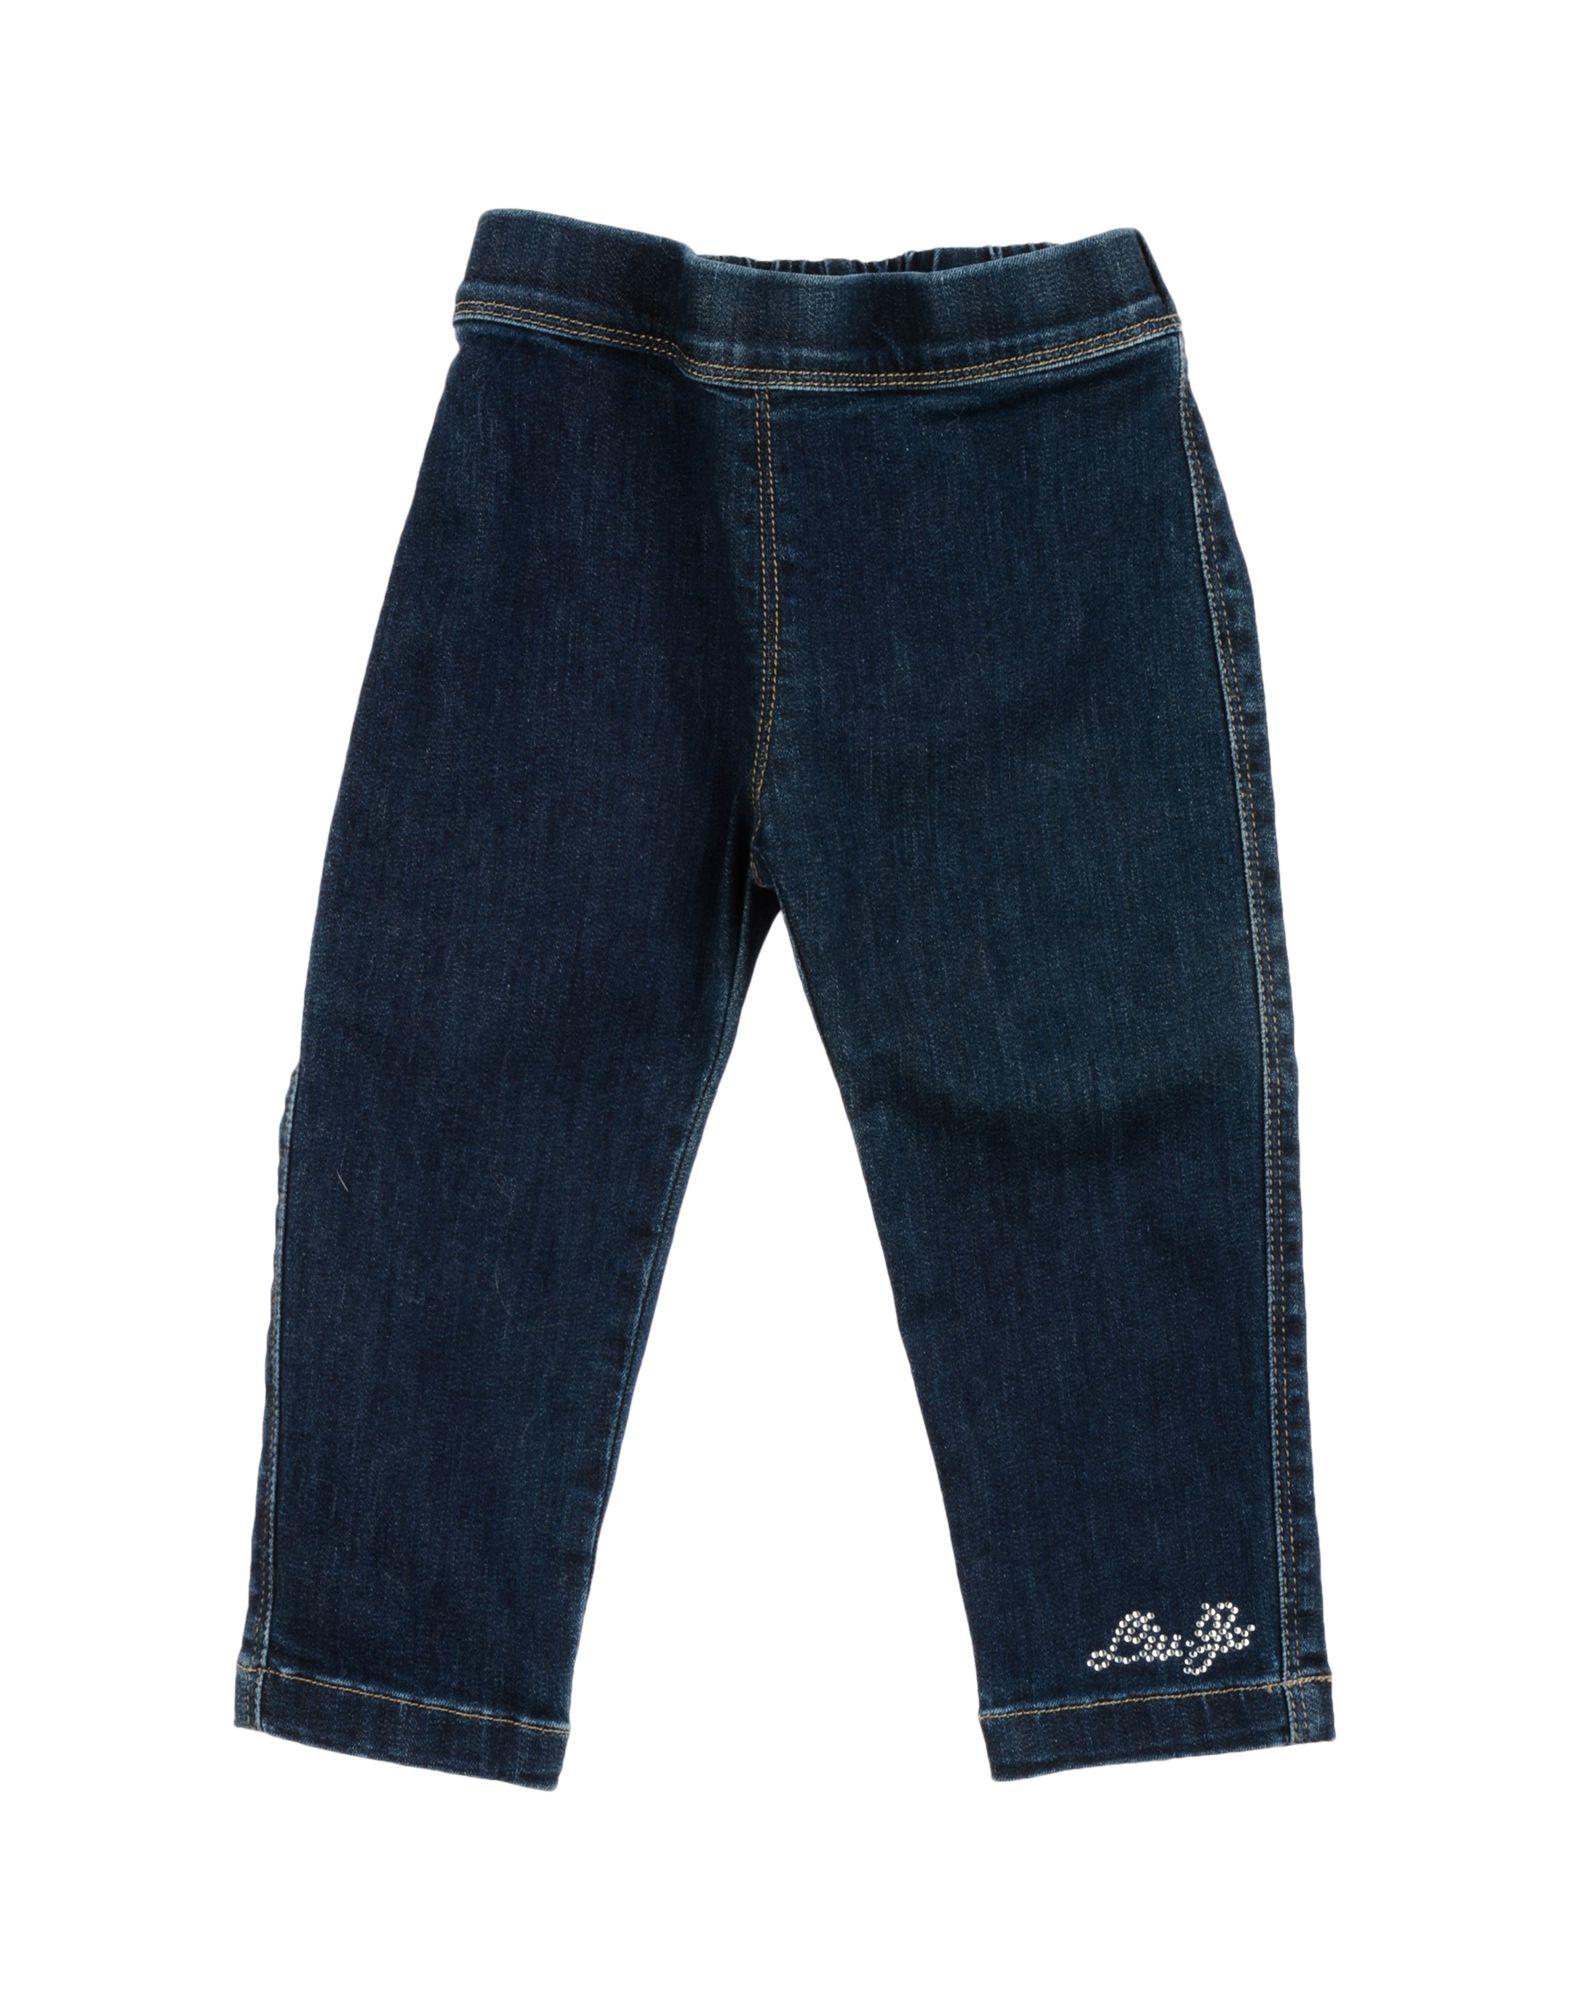 LIU •JO Джинсовые брюки брюки текстильные джинсовые для девочек 110 362011 синий деним ean 4690244736511